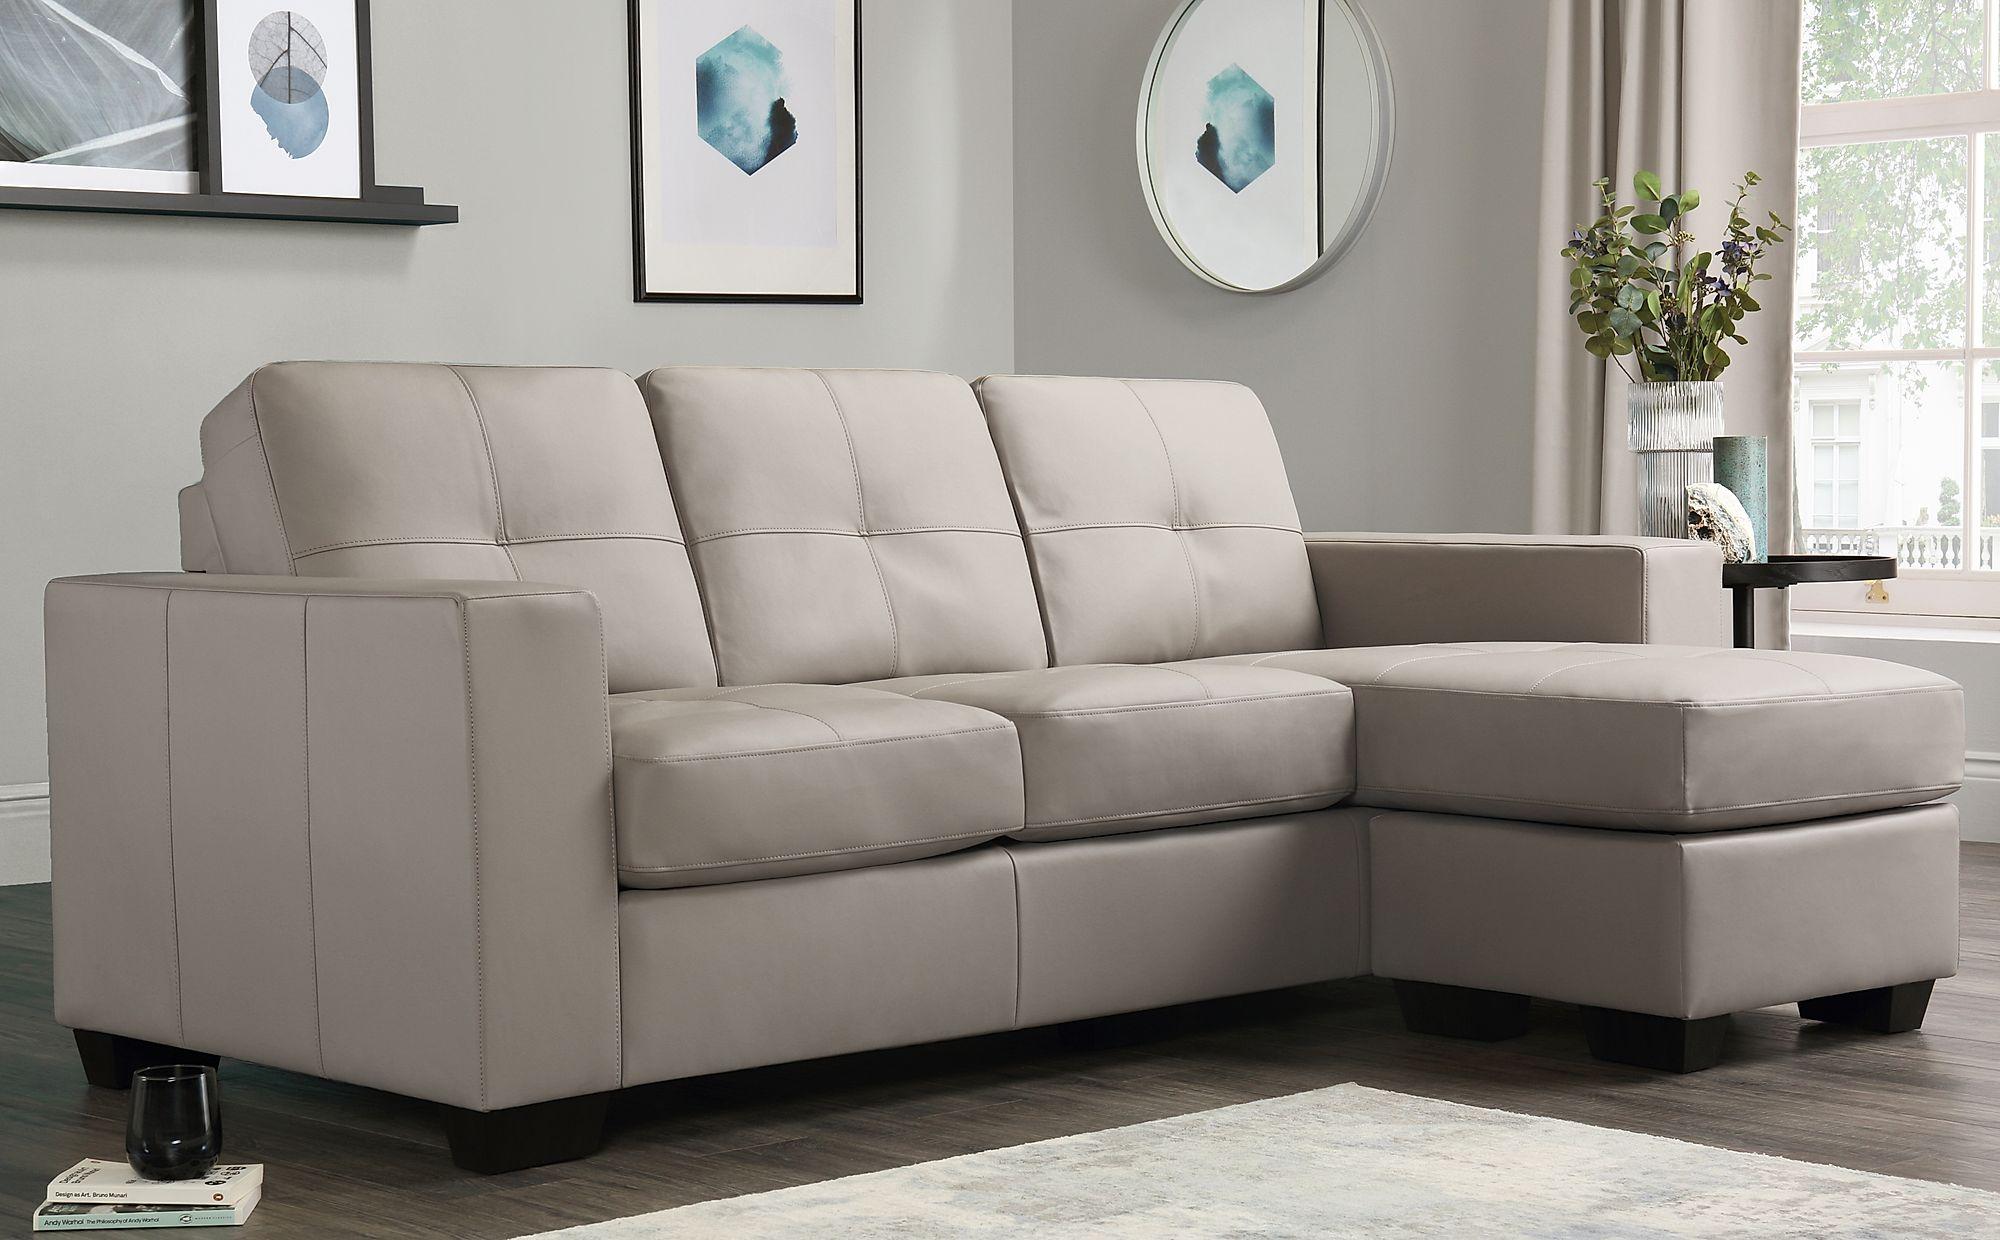 Rio Taupe Leather L Shape Corner Sofa   Furniture Choice